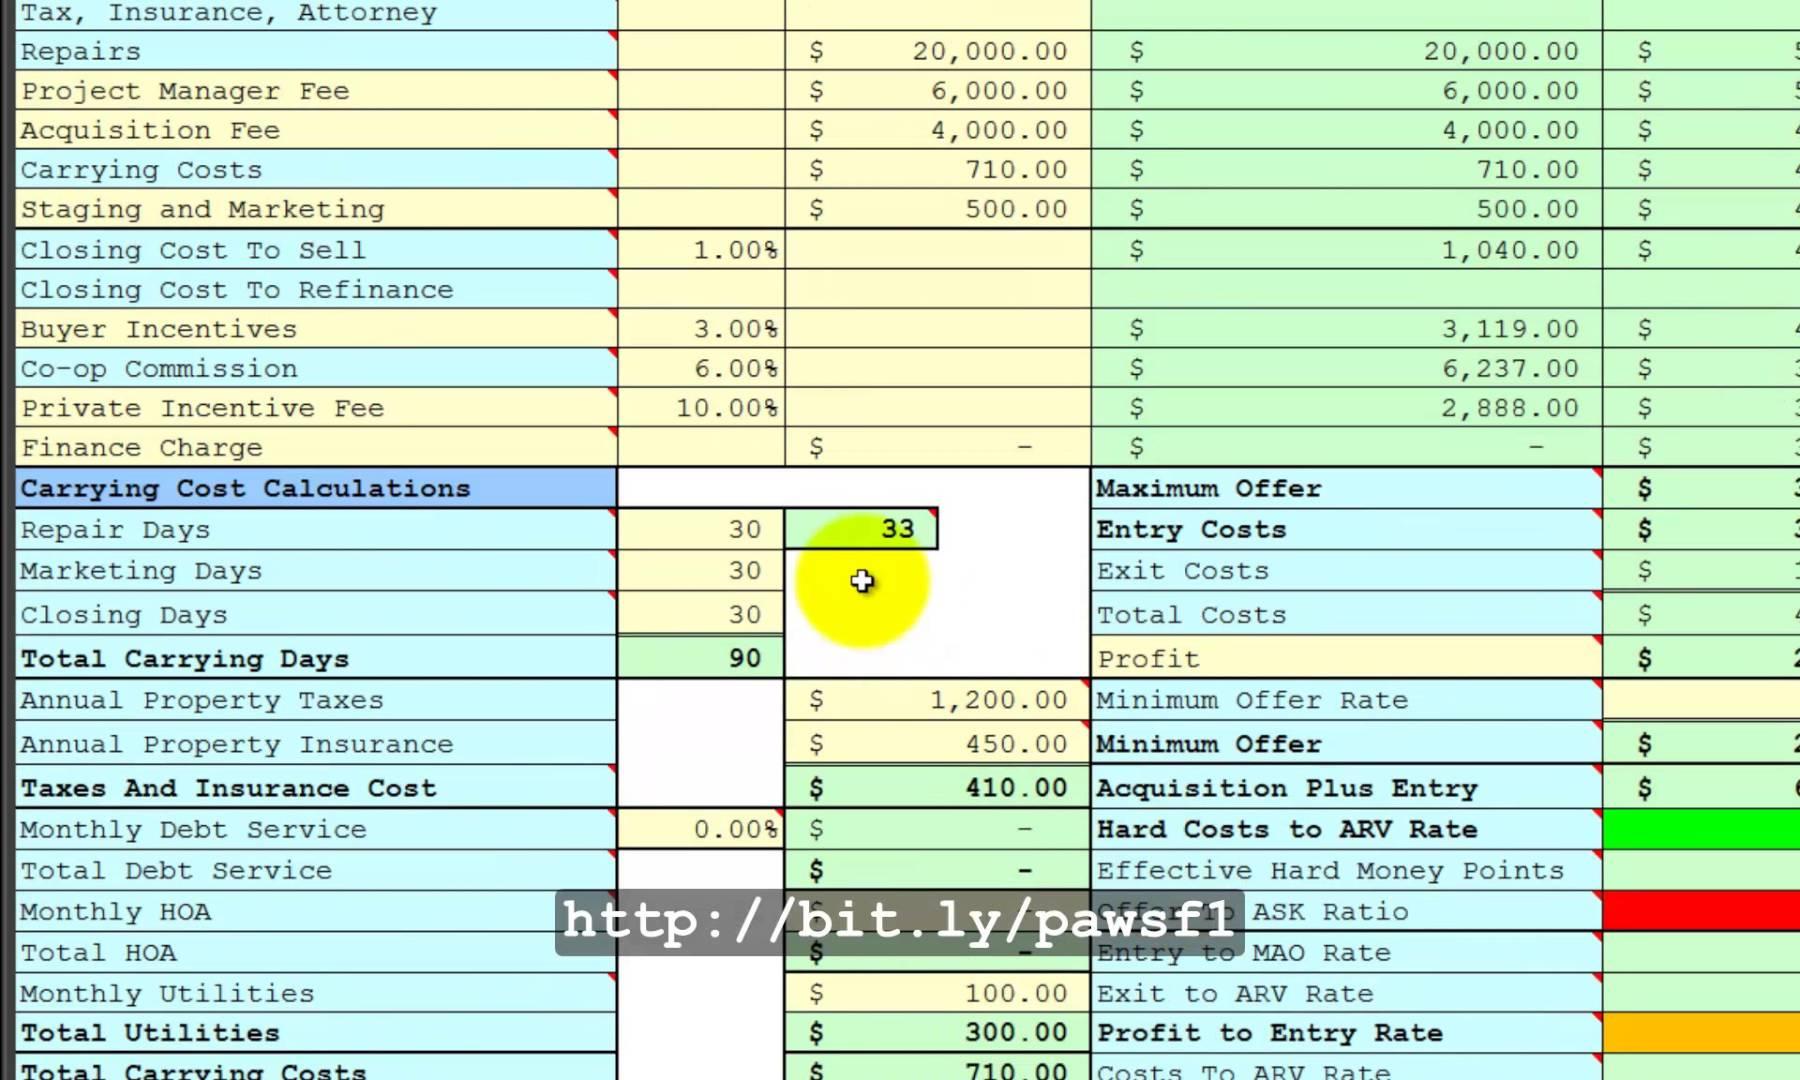 Rent Vs Buy Equipmentysis Spreadsheet Download